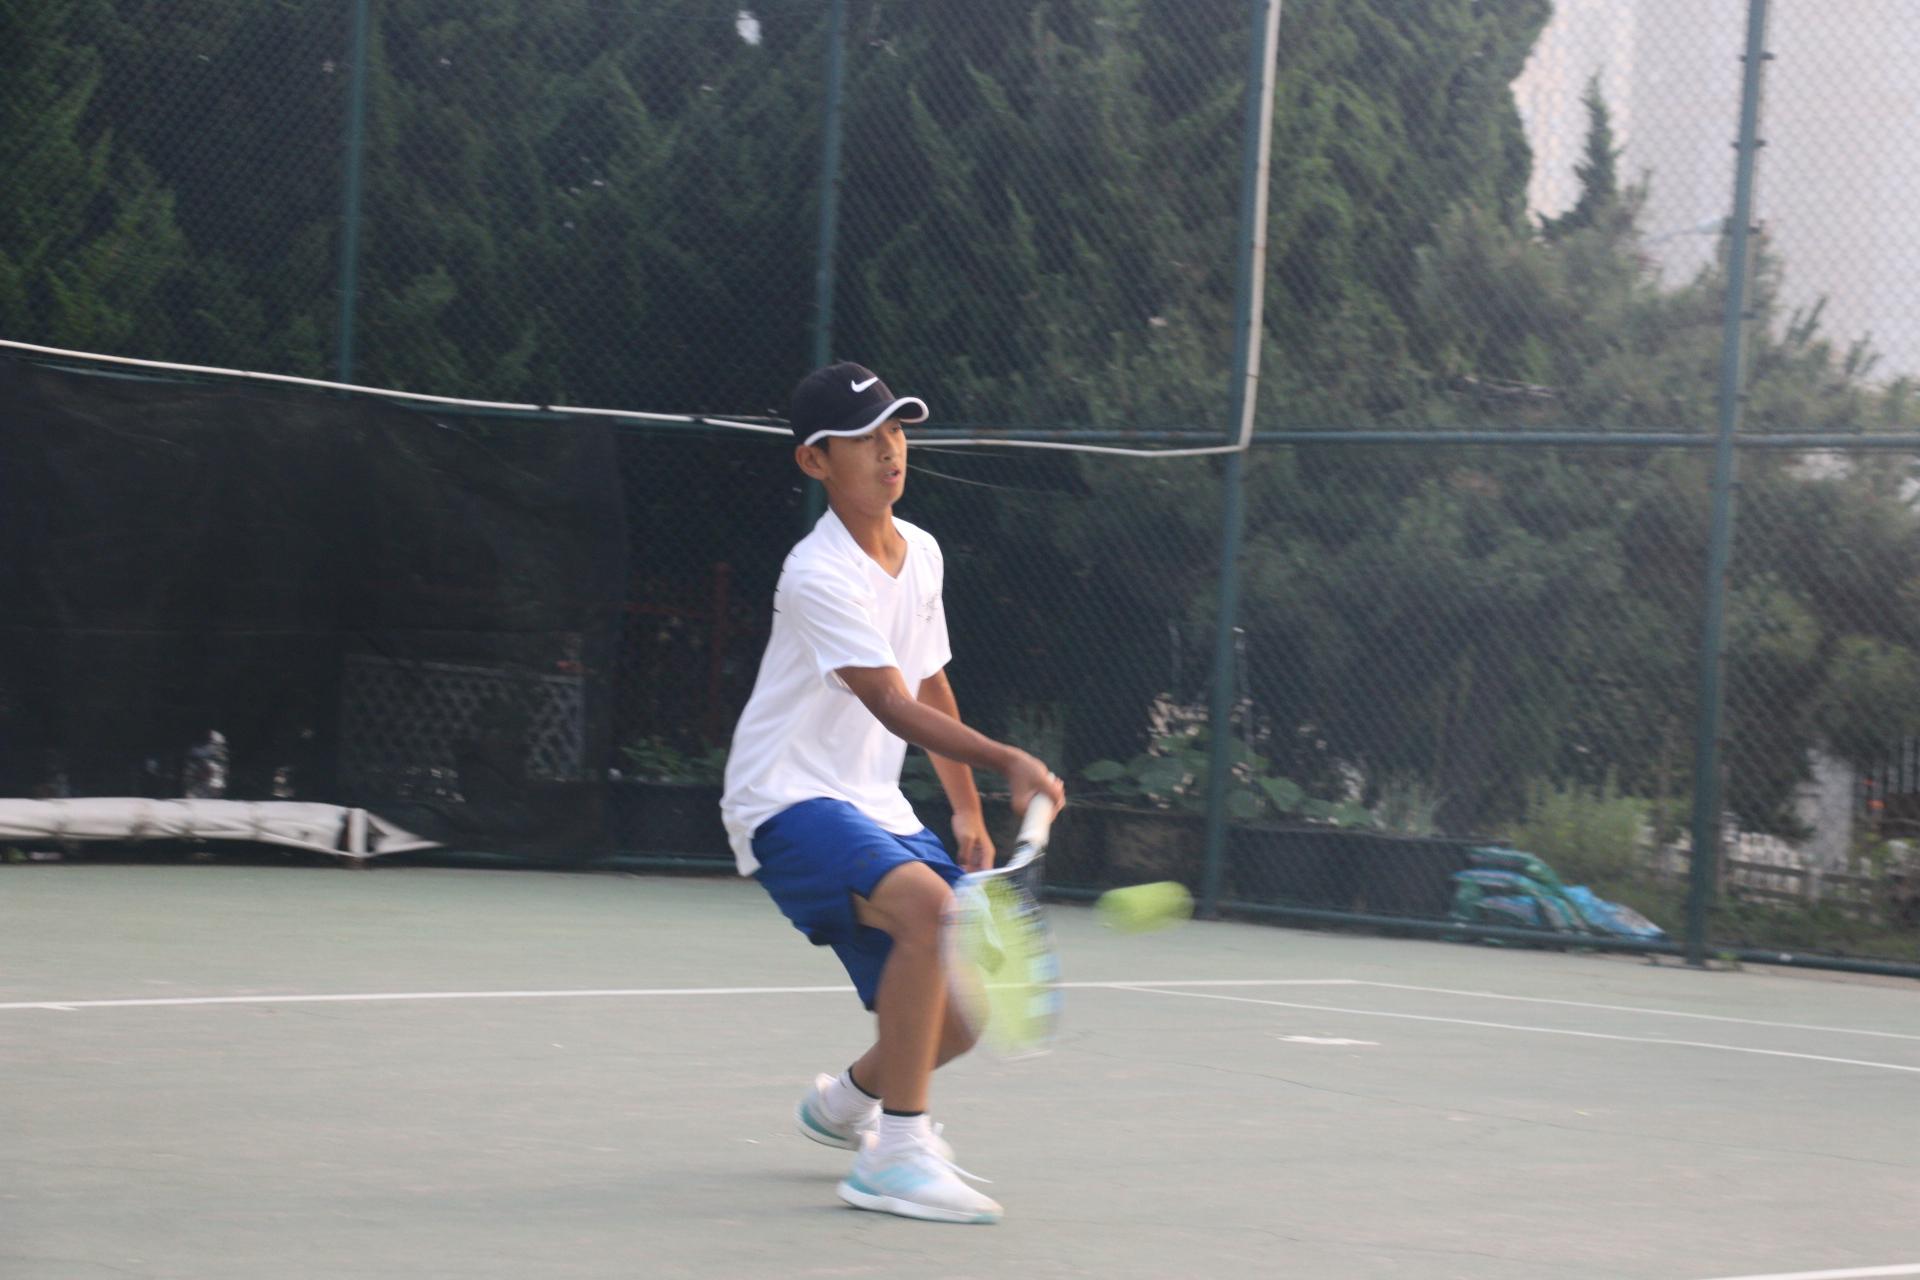 户外体育运动网球荡秋千要安全活动反思图片